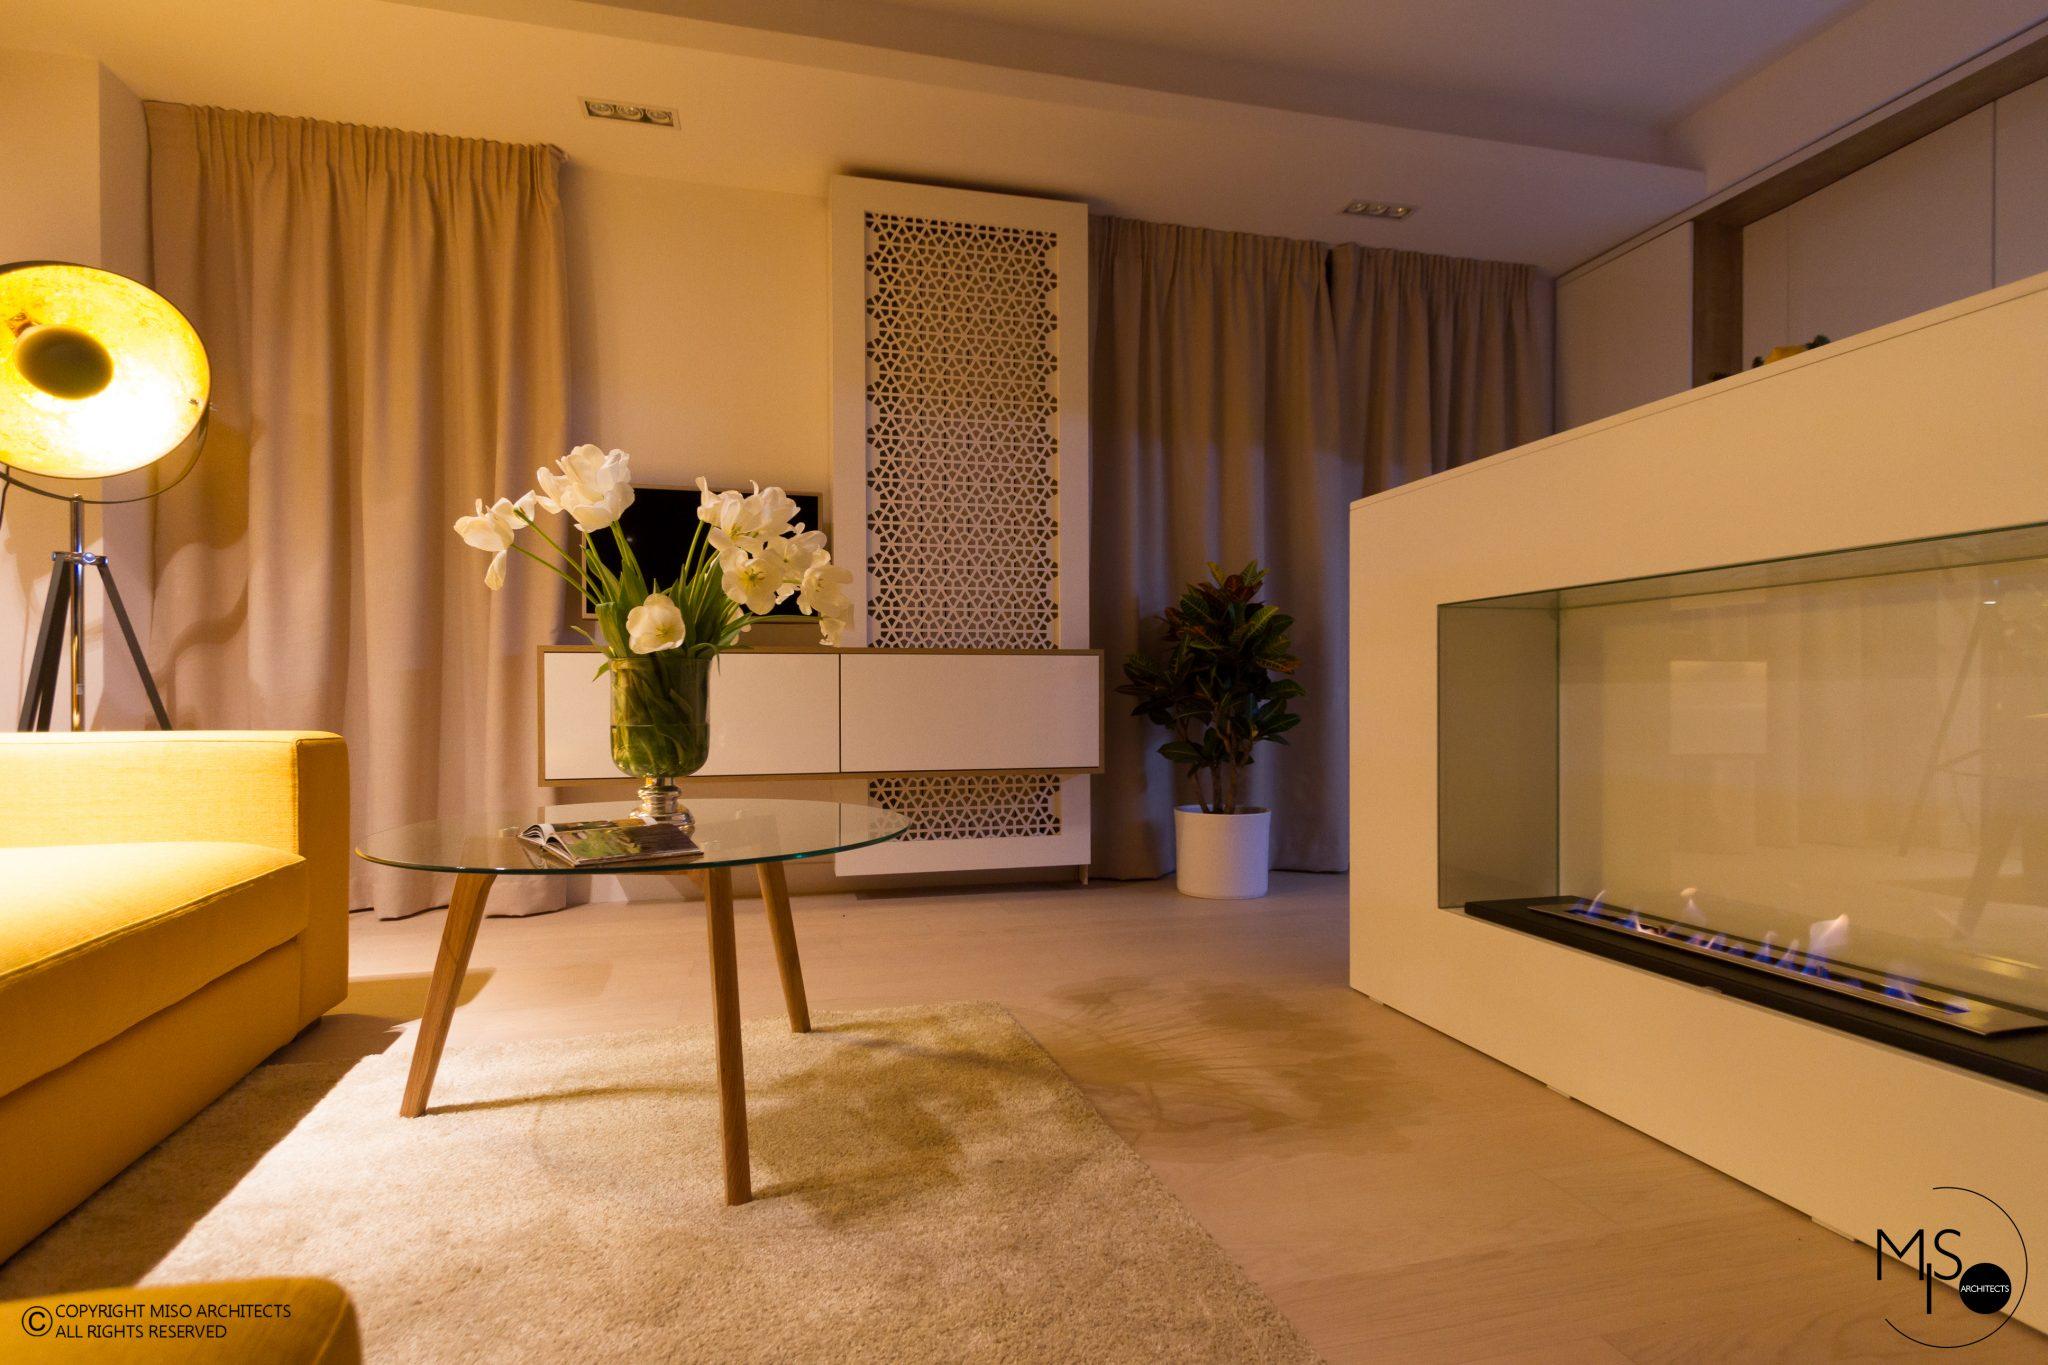 Dormitor separat de perete de sticlă într-o garsonieră de 50 m² din București 9